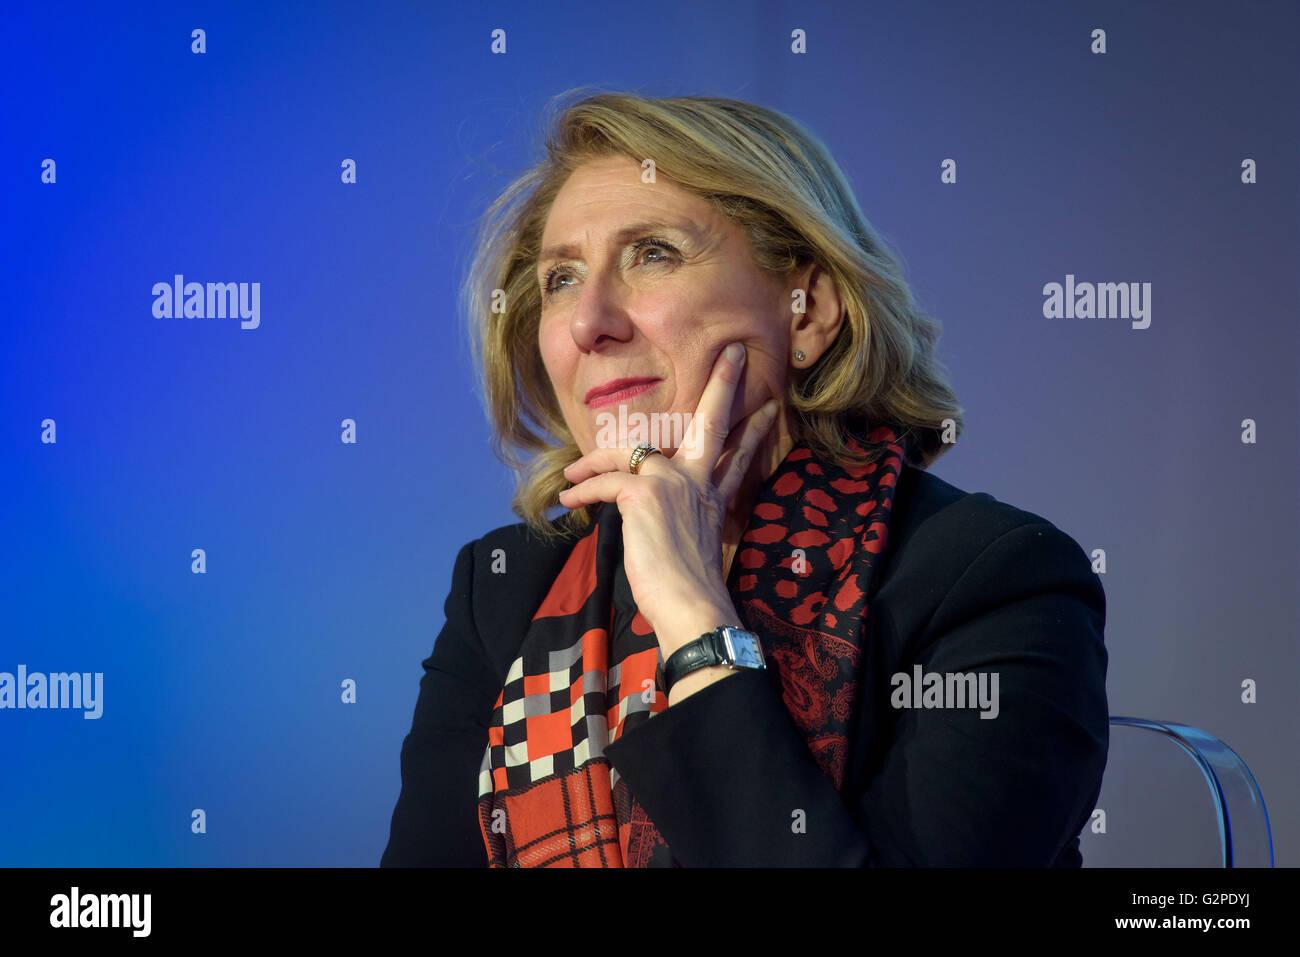 Giovanna Milella Presidente della Fiera del Libro di Torino Immagini Stock